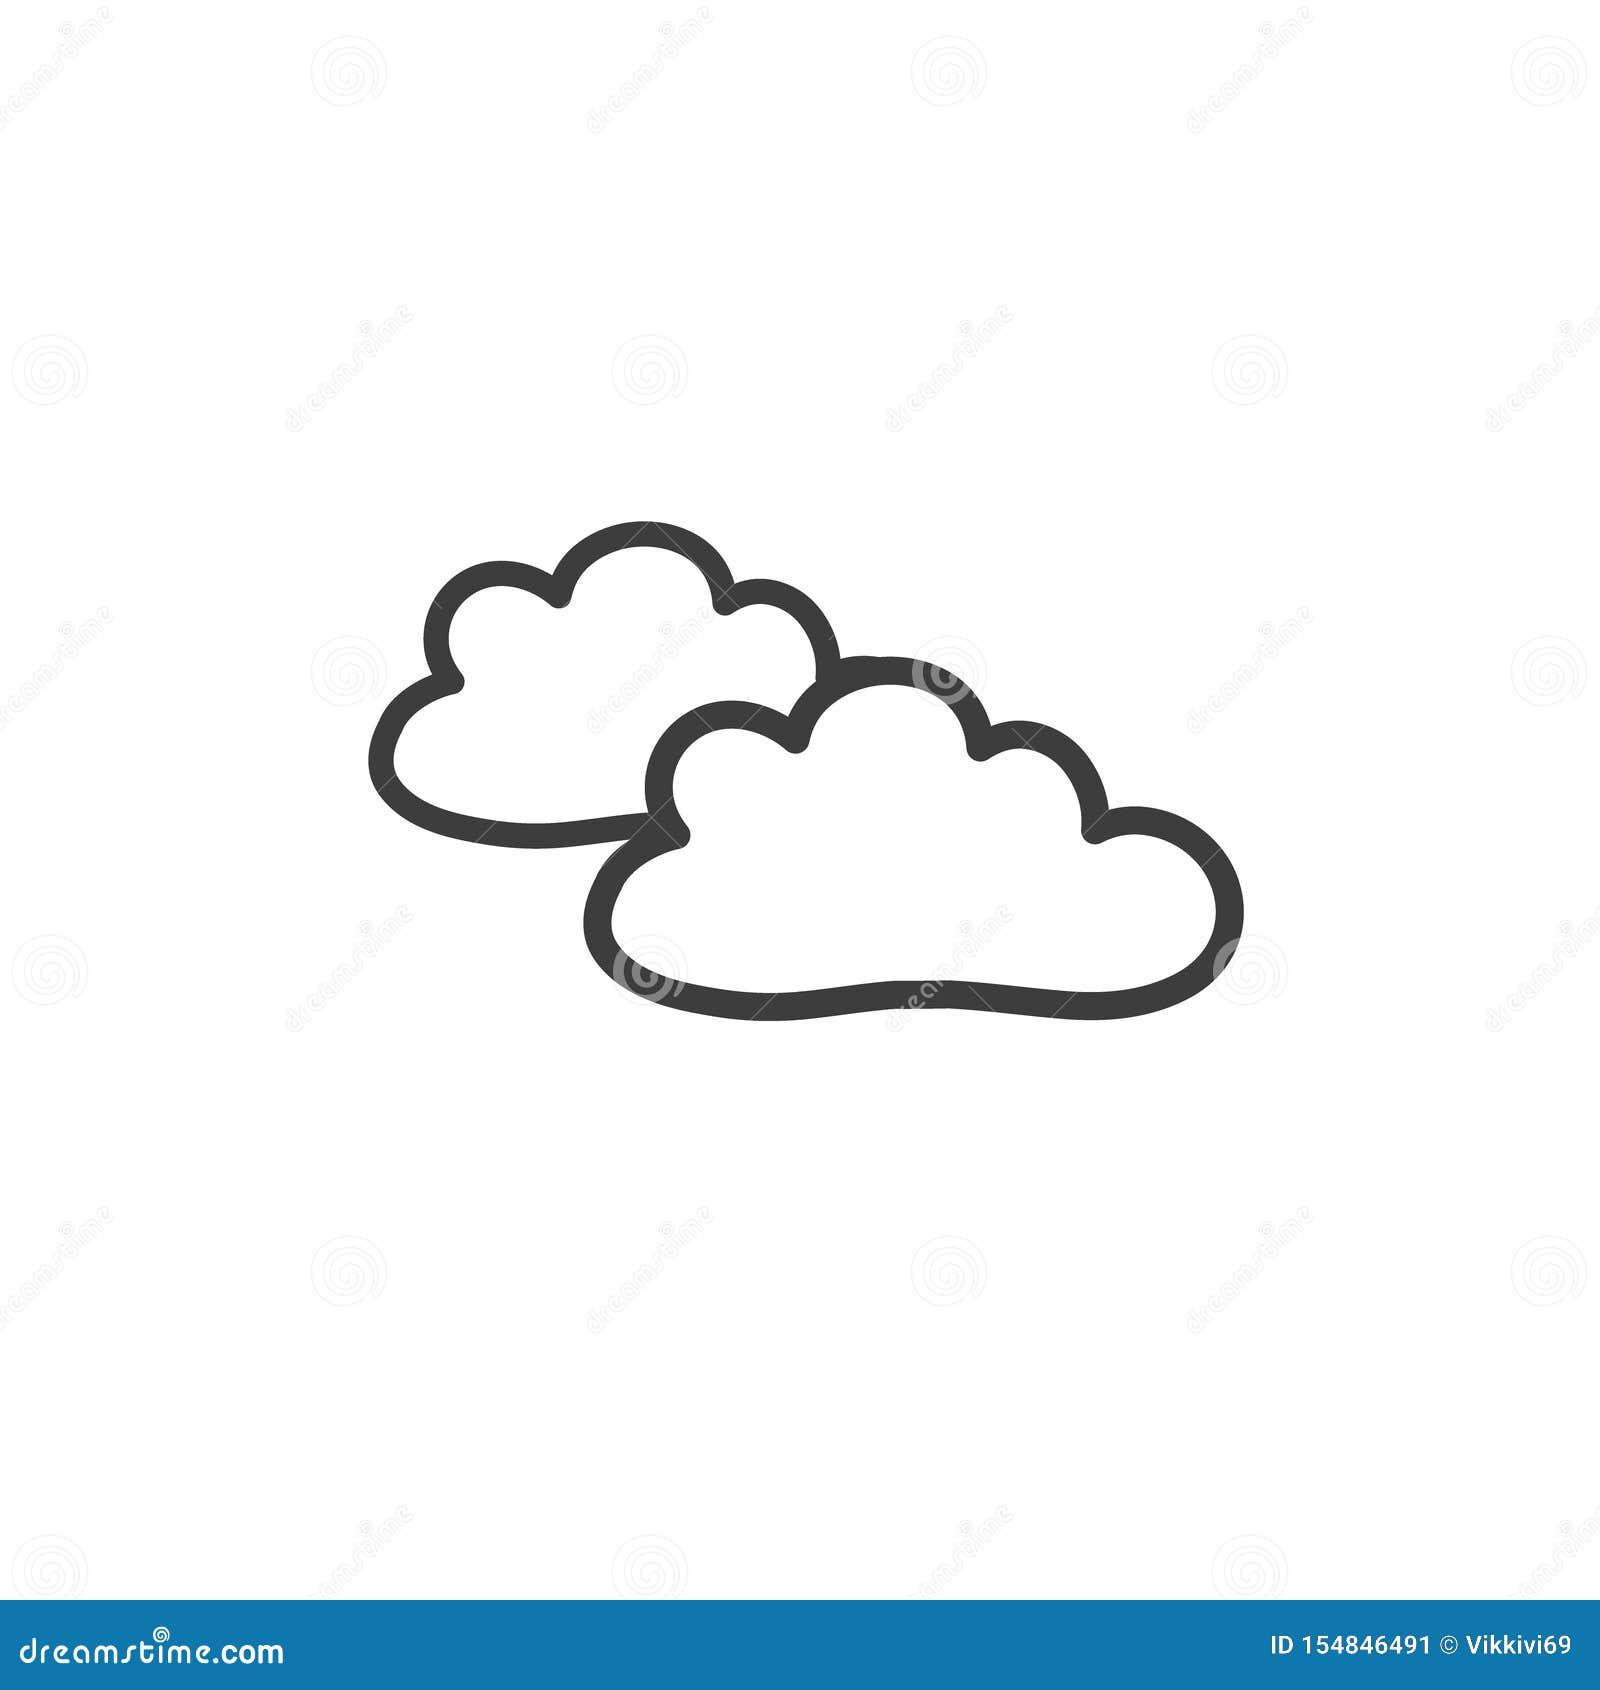 Dibujo De Dos Nubes En El Estilo De Un Garabato Un Símbolo Del Tiempo  Nublado Vector Que Dibuja A Mano Ilustración del Vector - Ilustración de  dibuja, nublado: 154846491